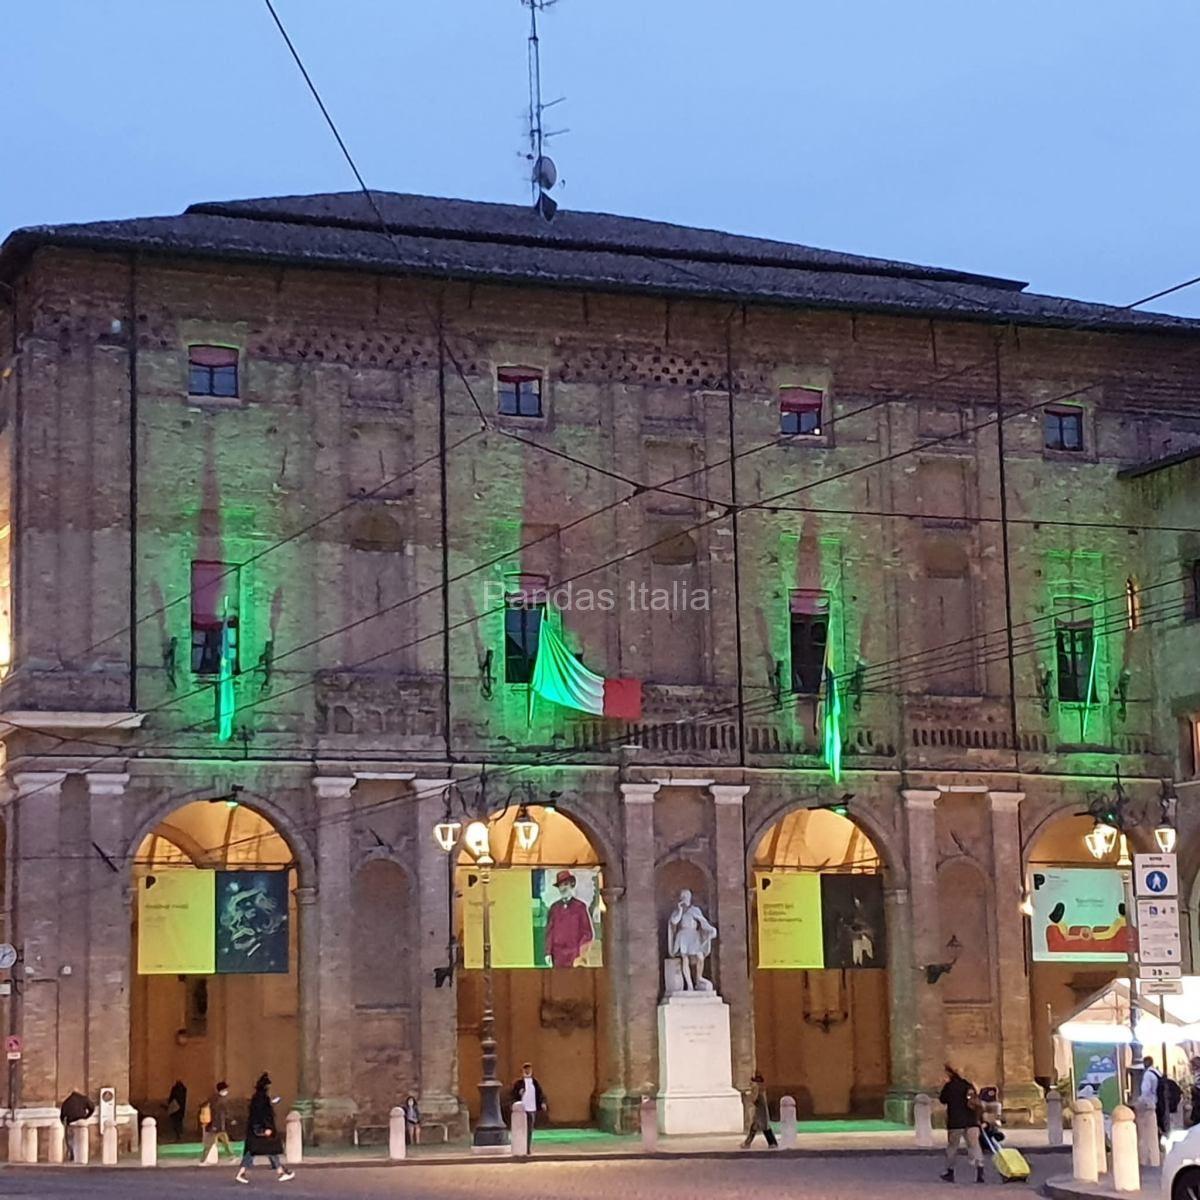 Palazzo-Comunale-di-Parma-illuminato-di-verde-9-ottobre-2020